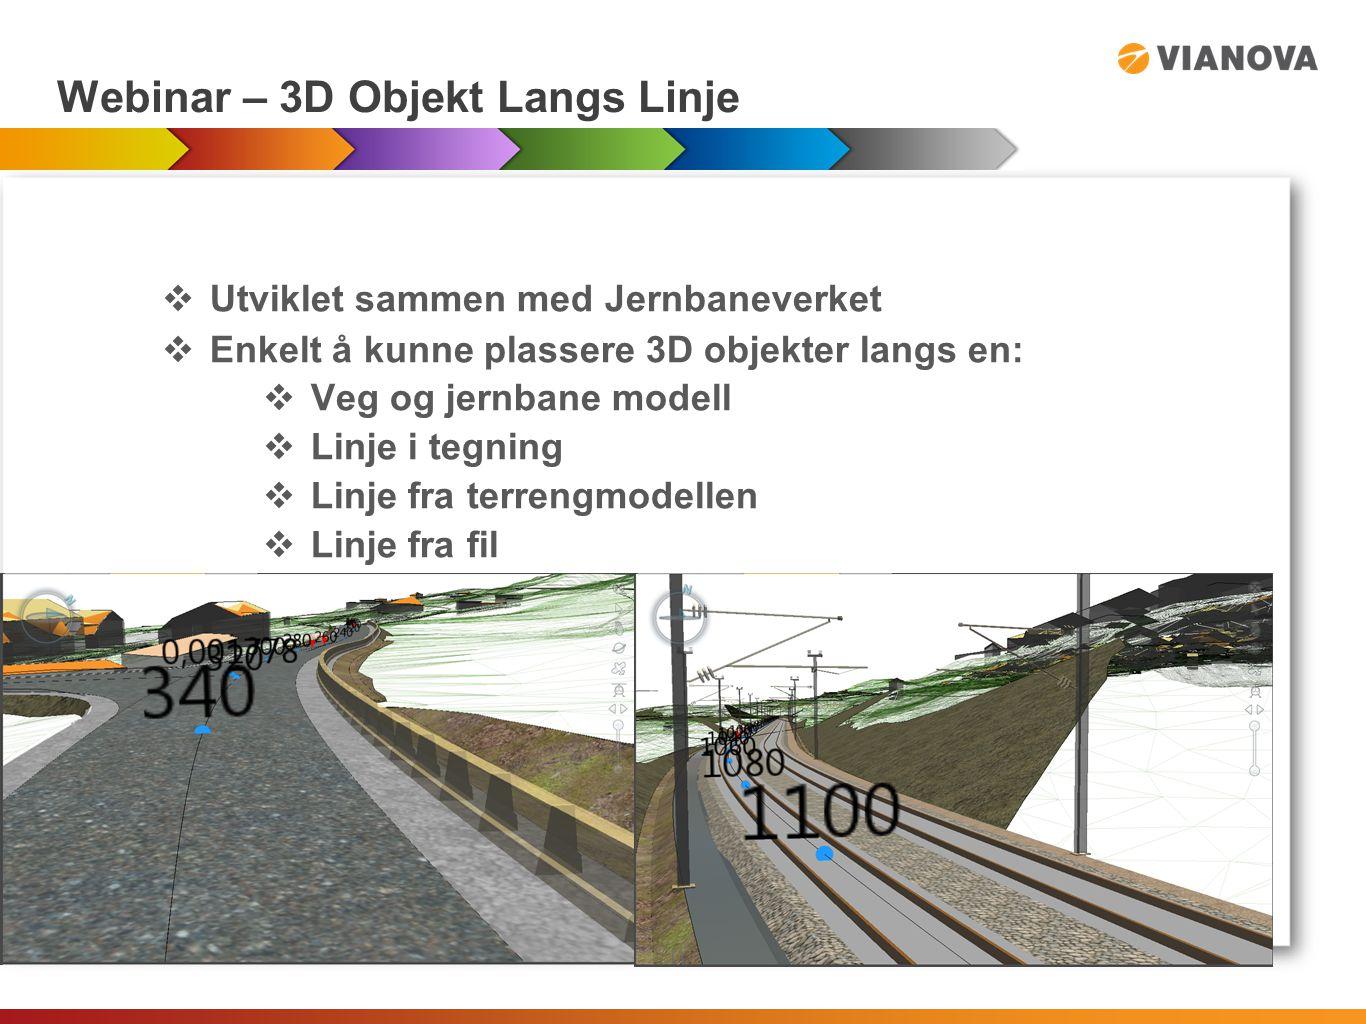 Webinar – 3D Objekt Langs Linje  Utviklet sammen med Jernbaneverket  Enkelt å kunne plassere 3D objekter langs en:  Veg og jernbane modell  Linje i tegning  Linje fra terrengmodellen  Linje fra fil